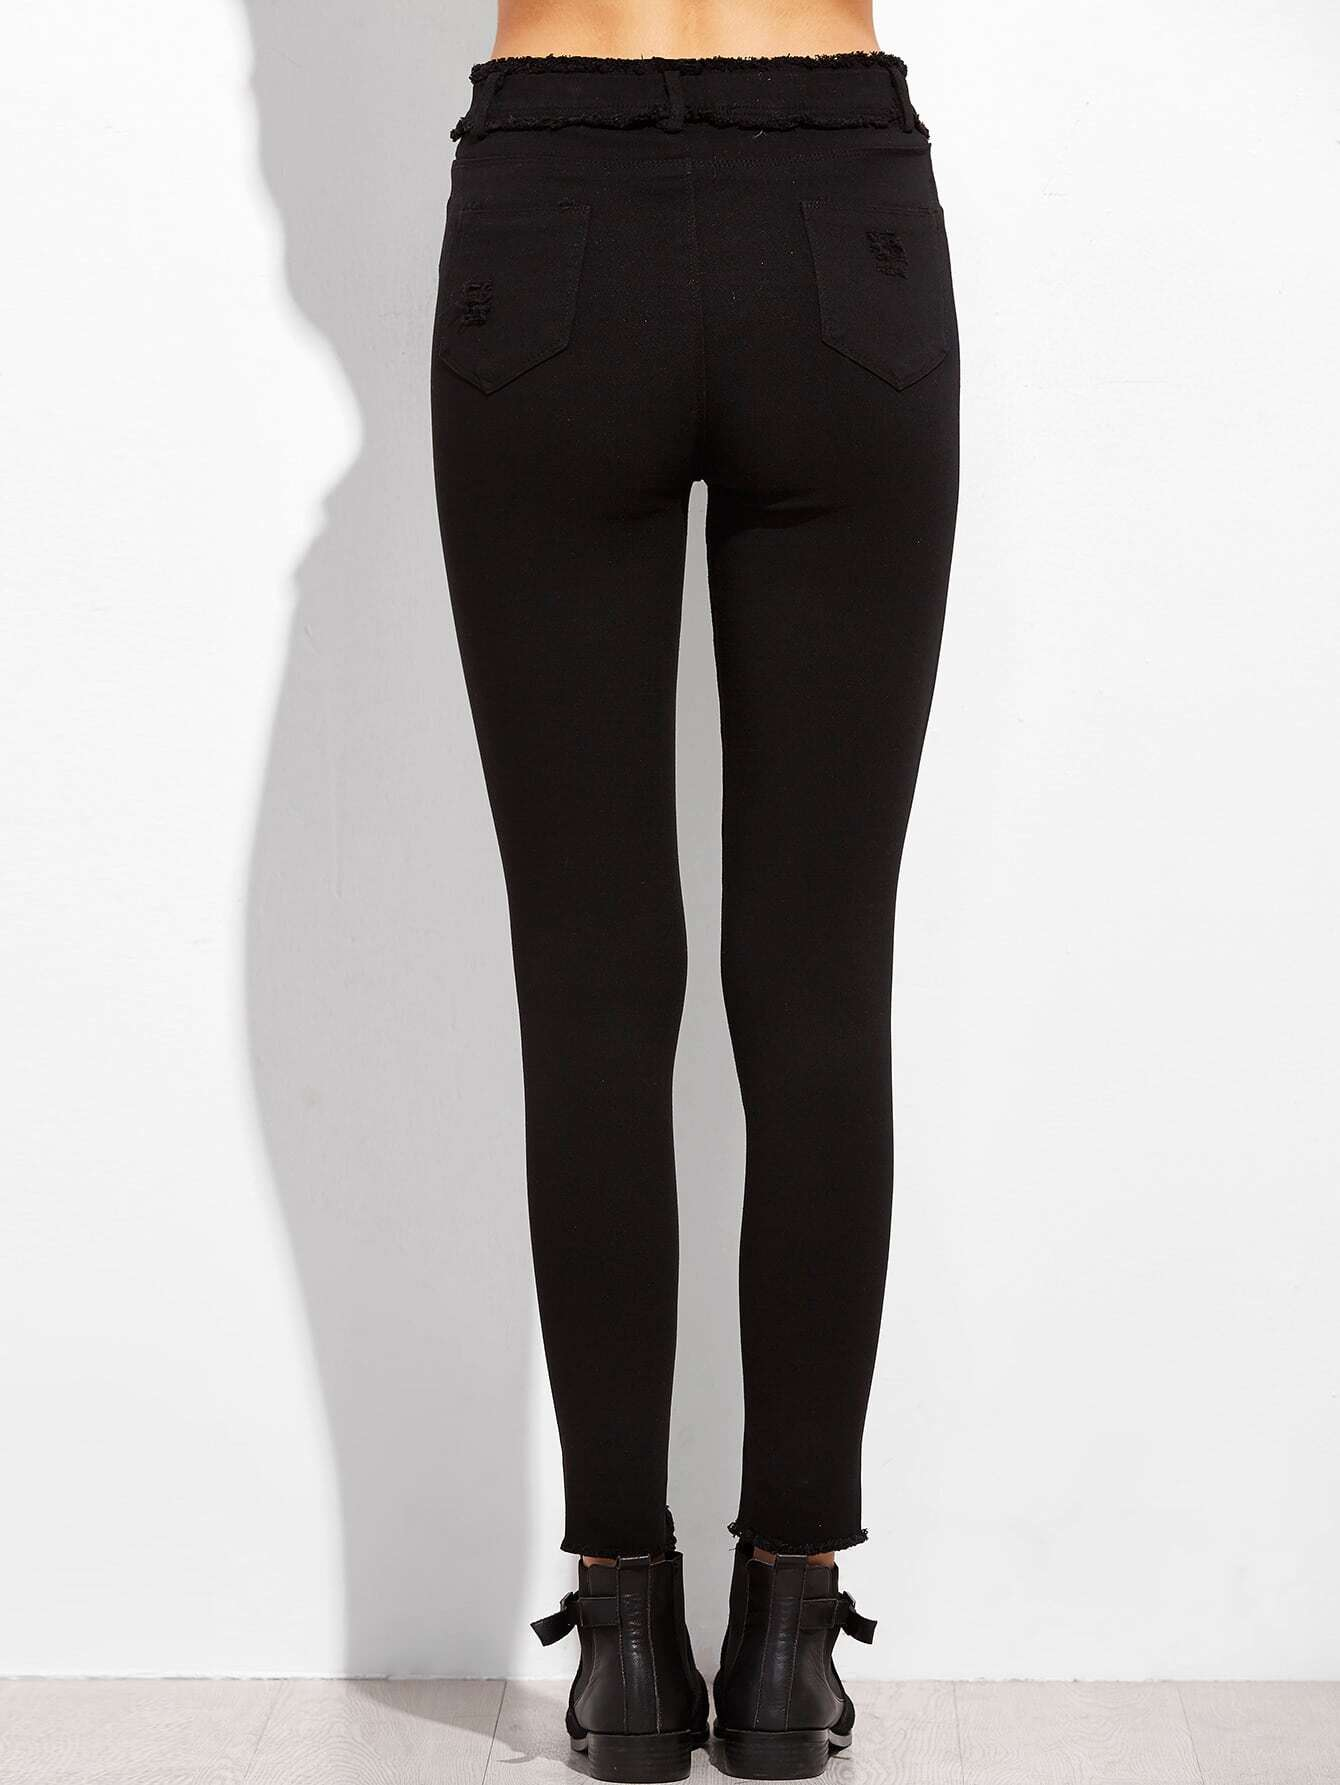 pants161007002_2